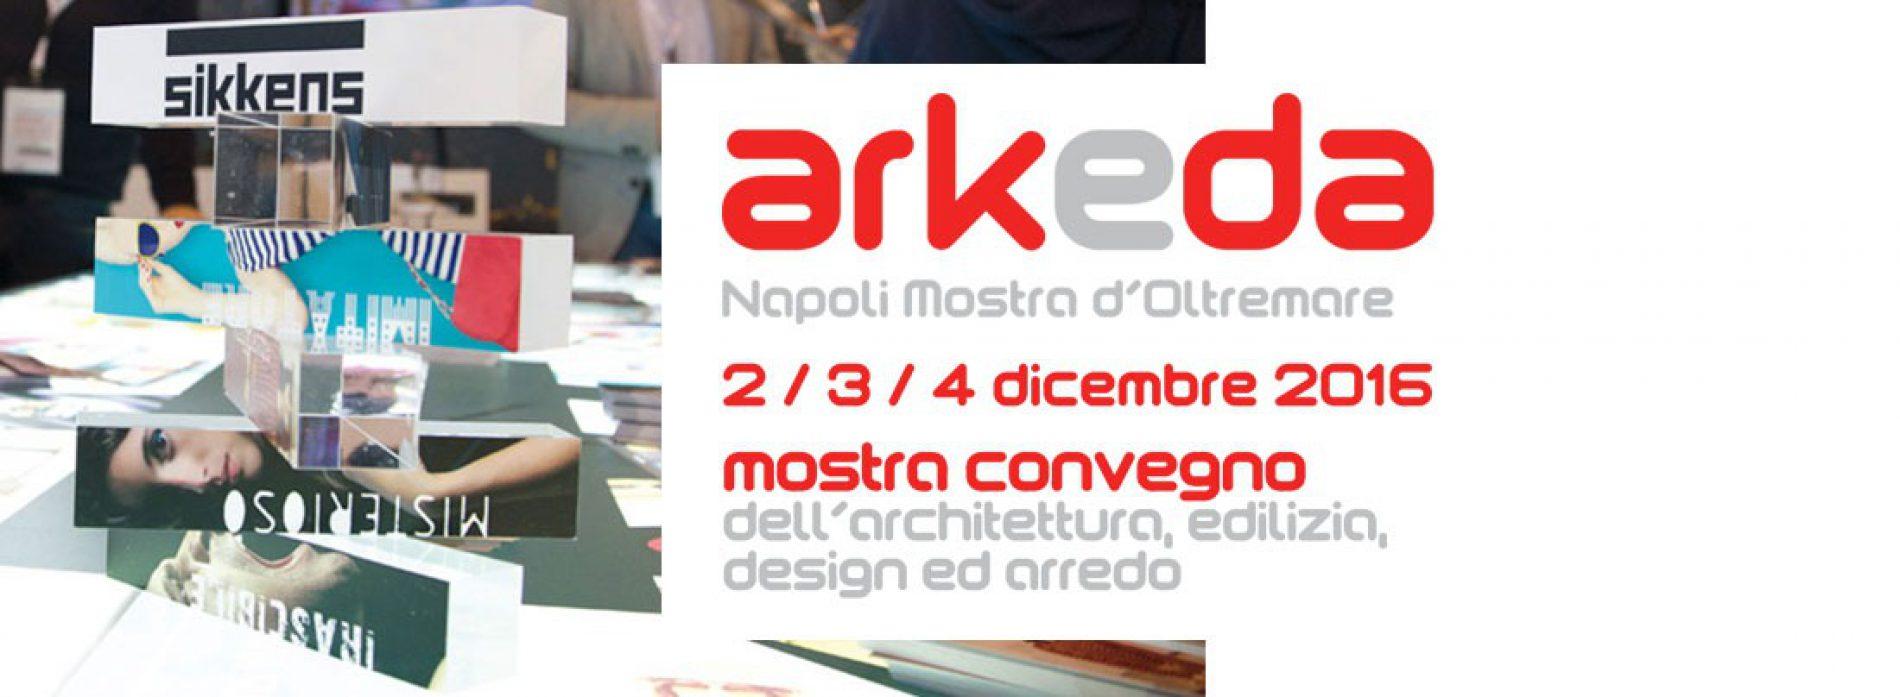 Arkeda, il salone dell'archittettura, dell'arredo, del design e dell'edilizia